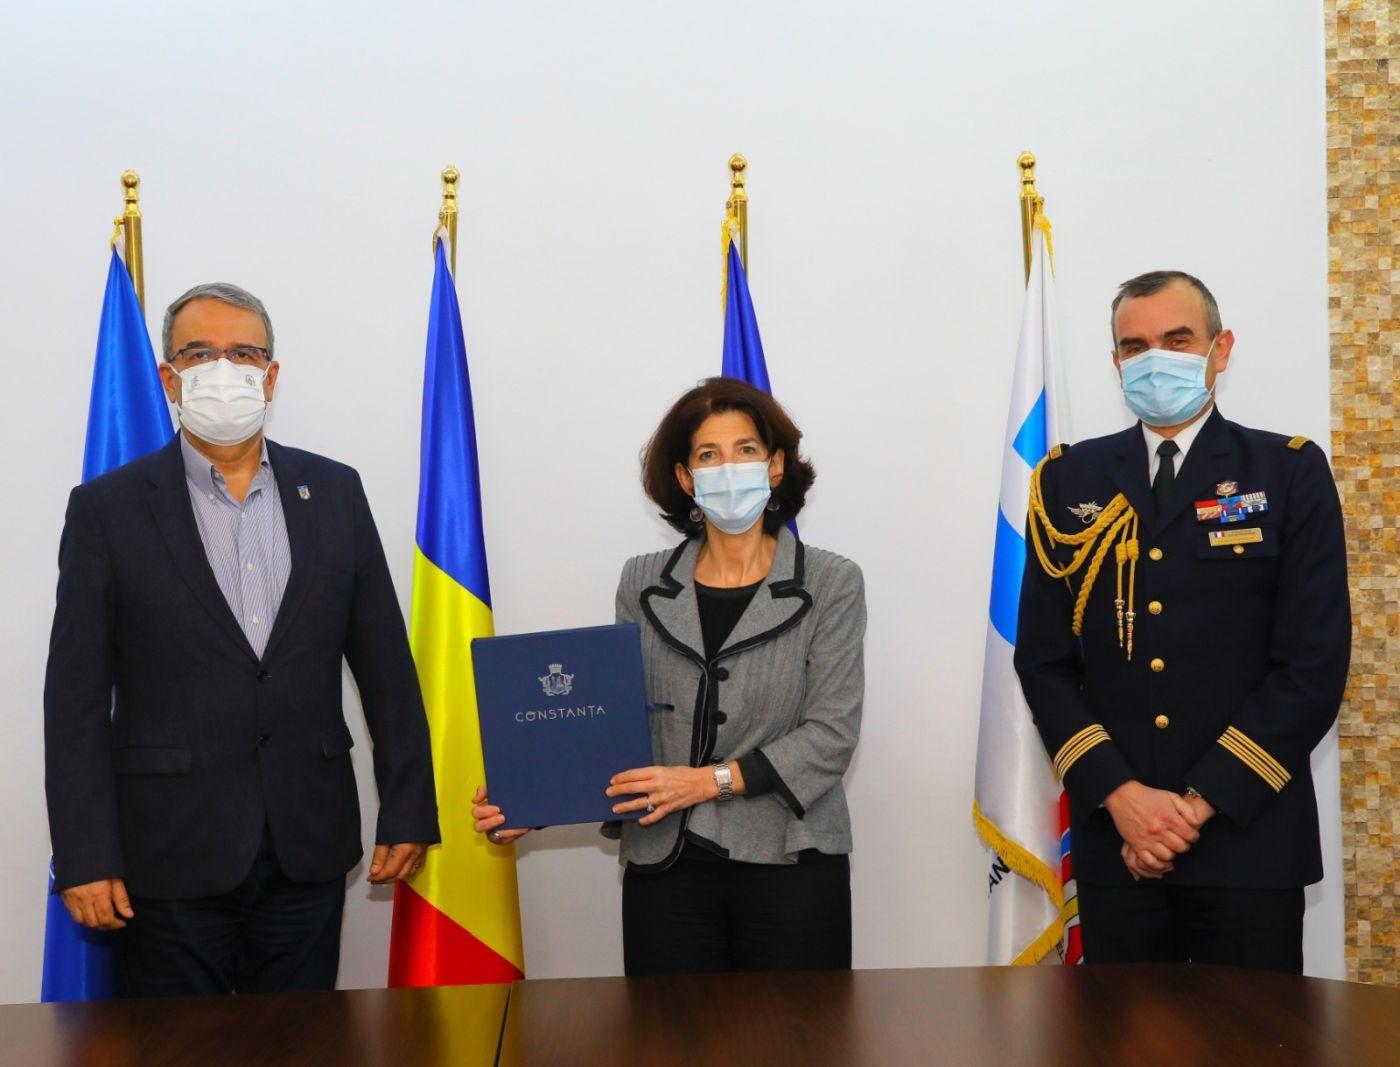 Primarul municipiului Constanța, Vergil Chițac, a primit astăzi vizita ambasadorului extraordinar și plenipotențiar al Ambasadei Franței în România, Excelența-Sa Laurence Auer. Aceasta a fost însoțită de colonelul Daniel Parpaillon, atașat militar, și de Dorel Glăvan, consul onorific al Franței la Constanța.